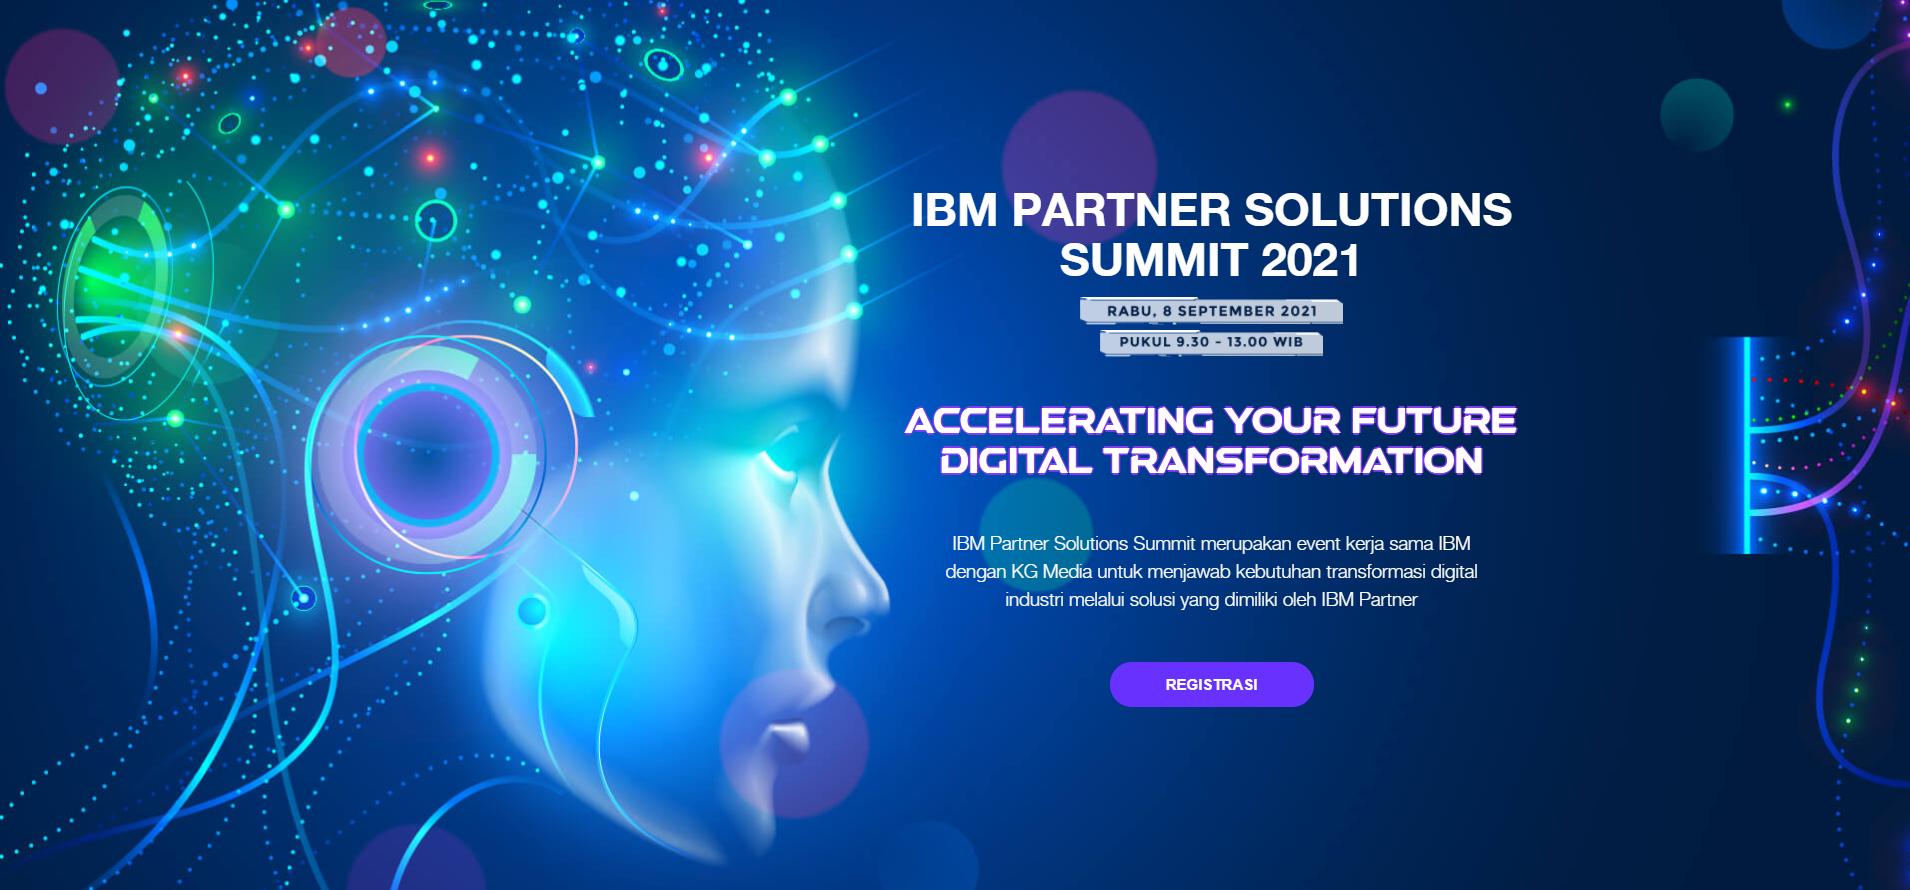 Partner Solutions Summit Kompas TV - IBM